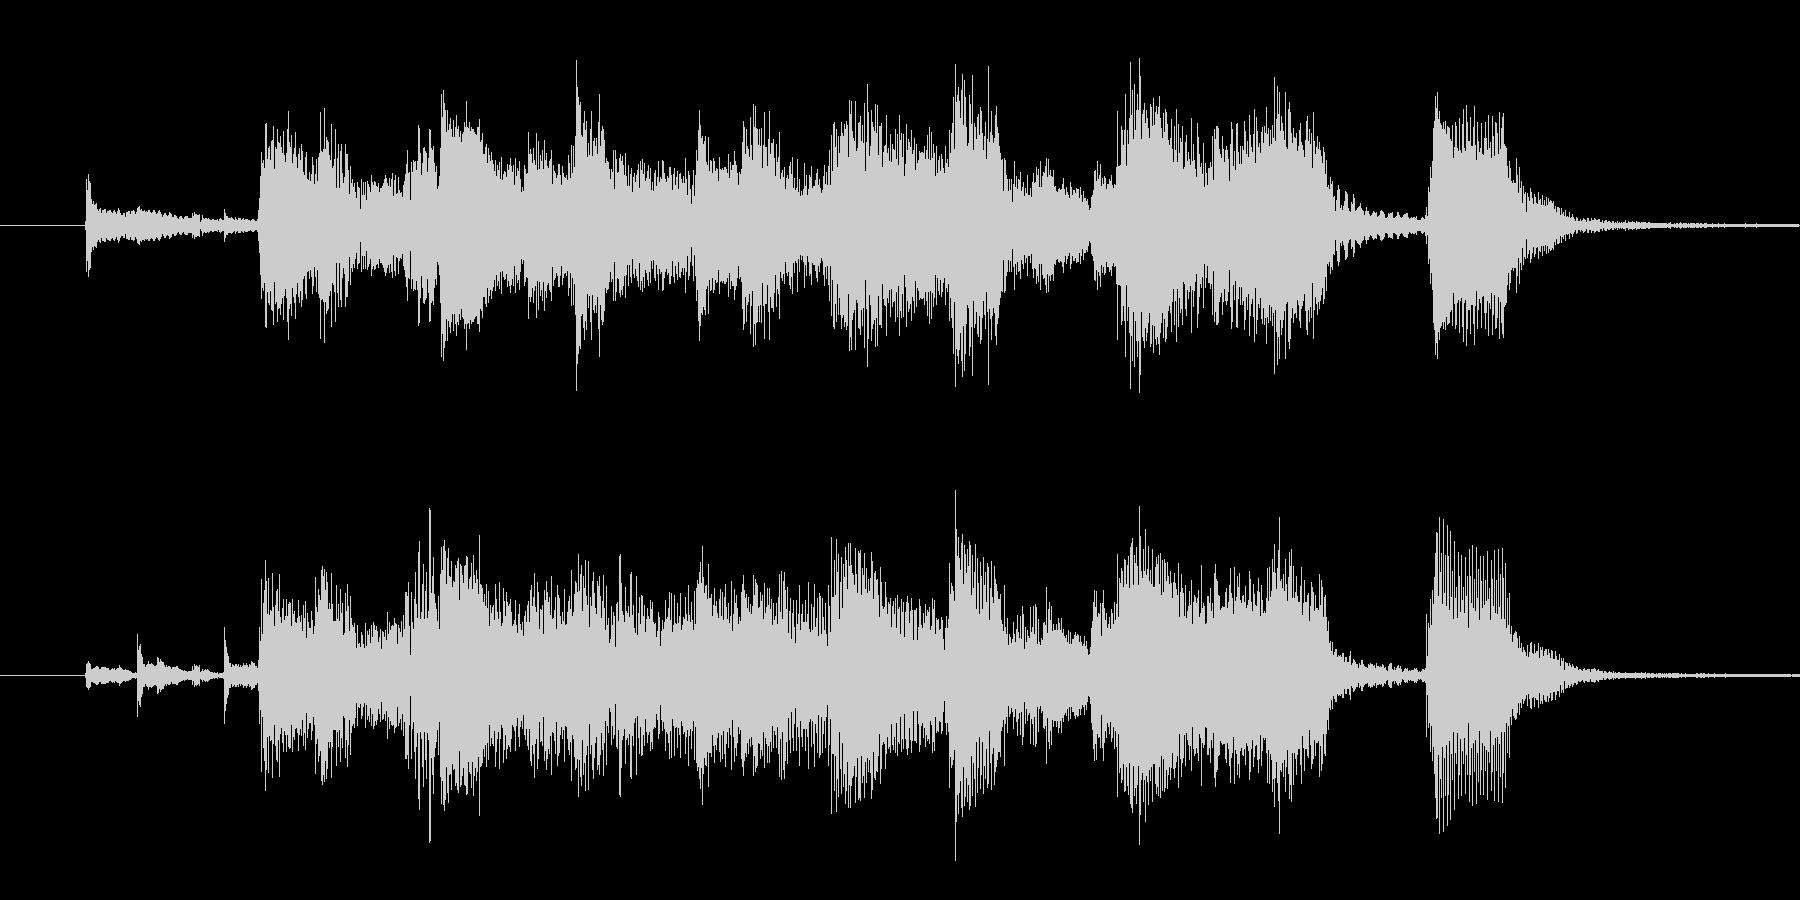 ビッグバンド・ゴージャス・ジングルの未再生の波形